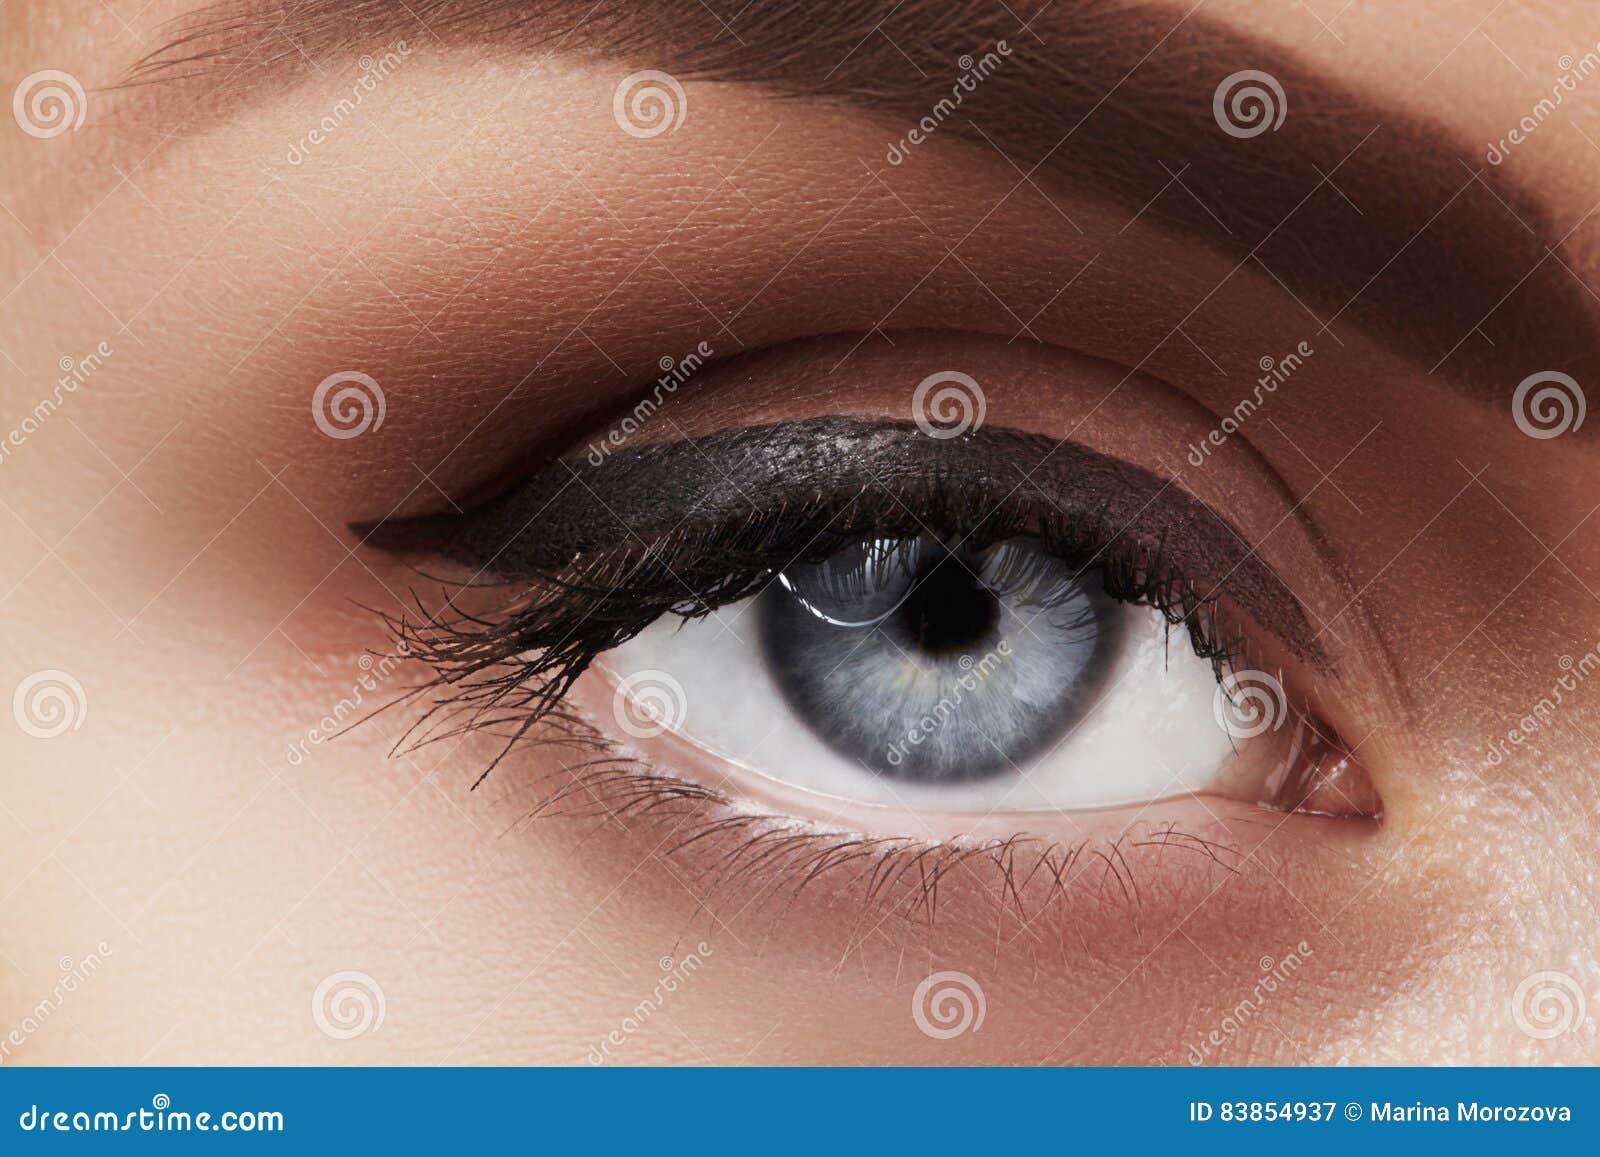 Nahaufnahmemakro des schönen weiblichen Auges mit perfekten Formaugenbrauen Säubern Sie Haut, Mode naturel Make-up Gute Vision